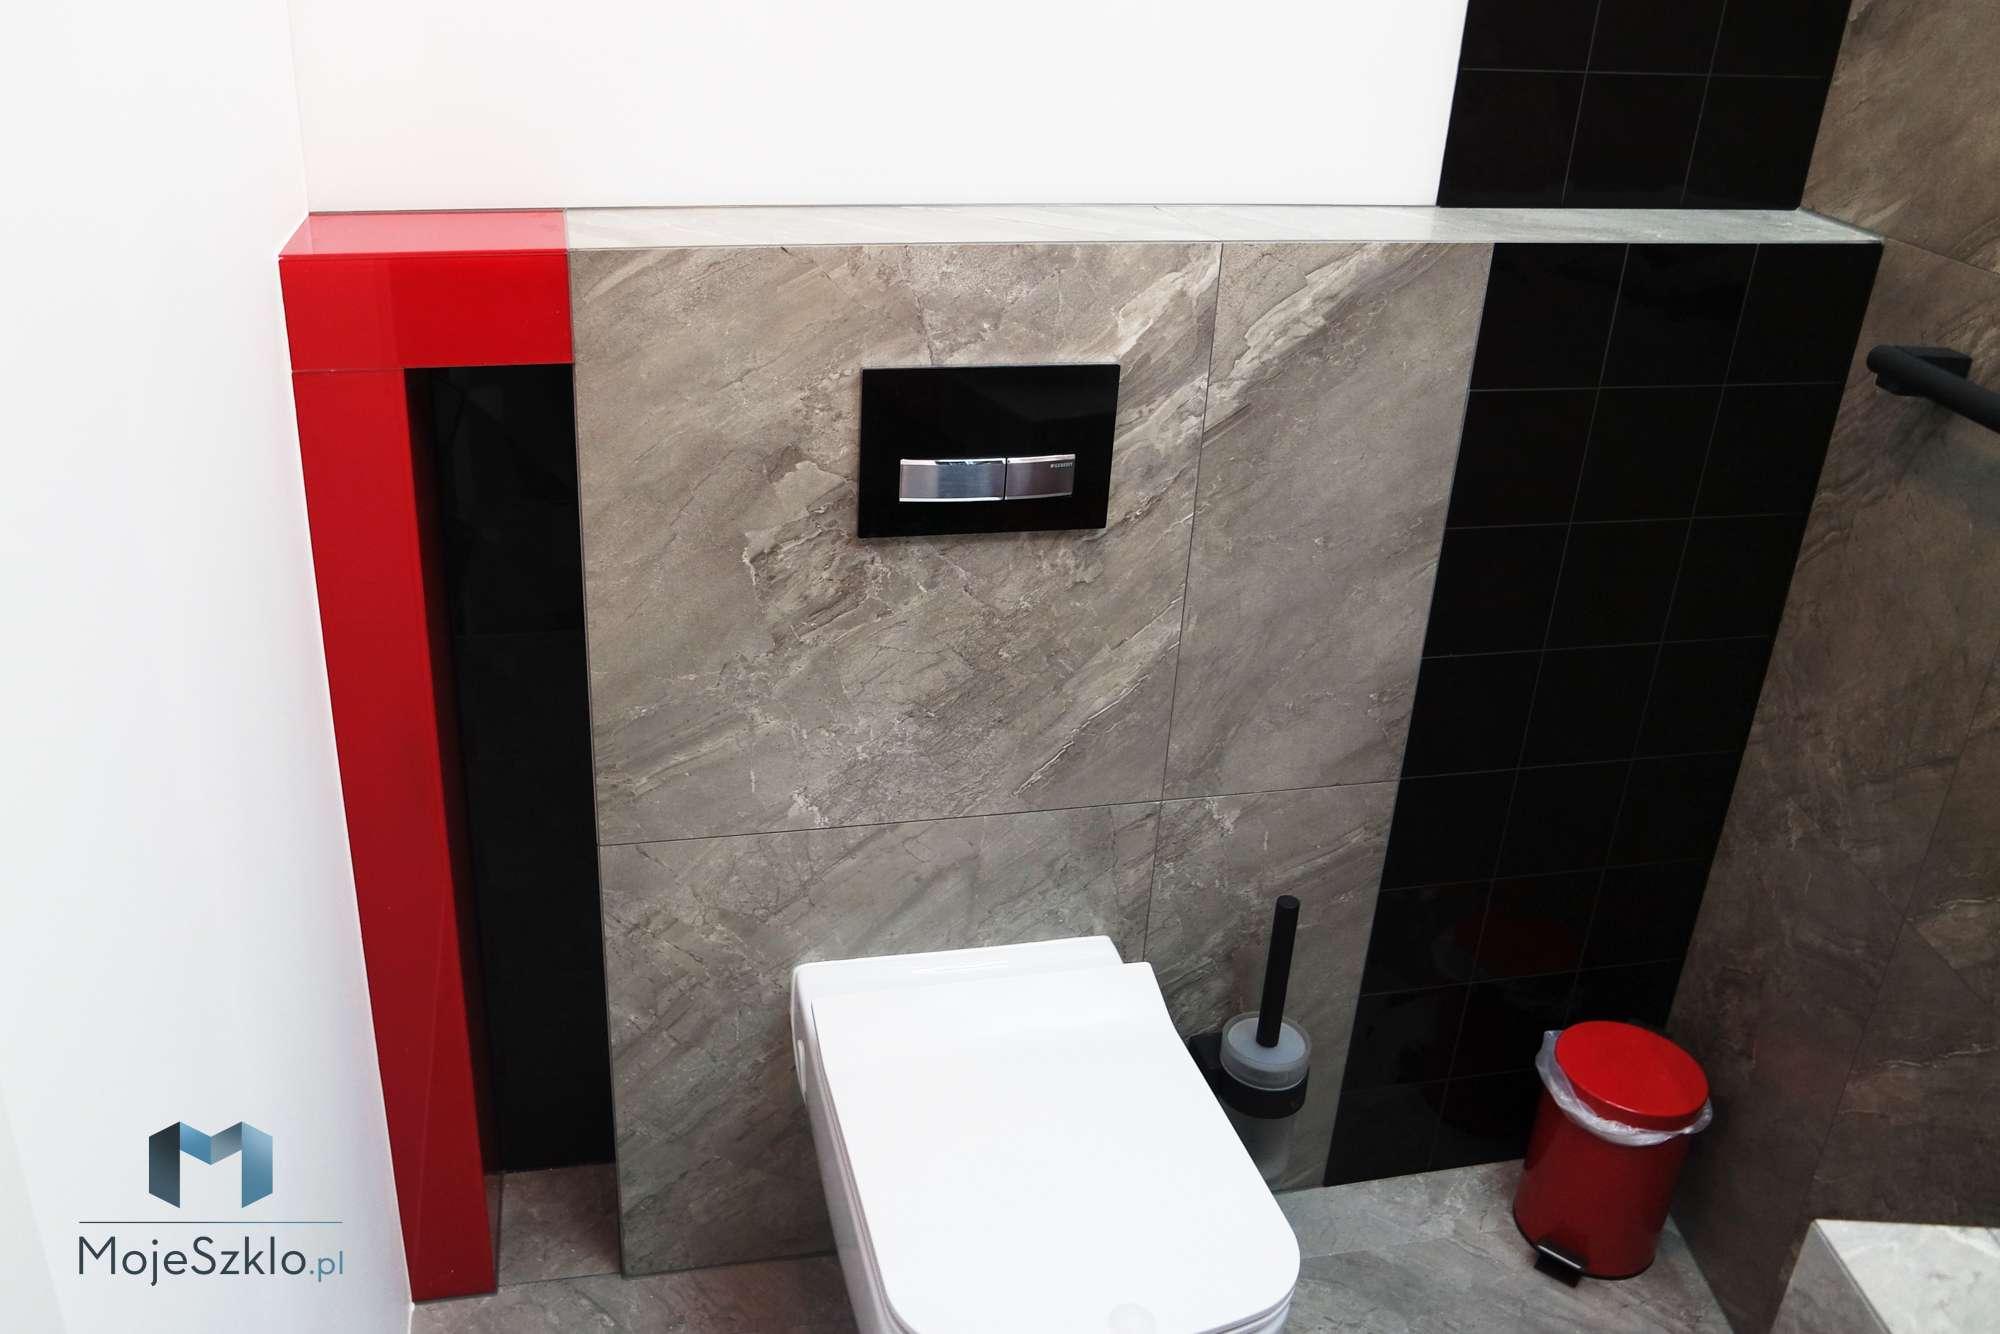 Lacobel Do Lazienki Lsniacy Czerwony - Kolorowe szkło (Lacobel) w łazience